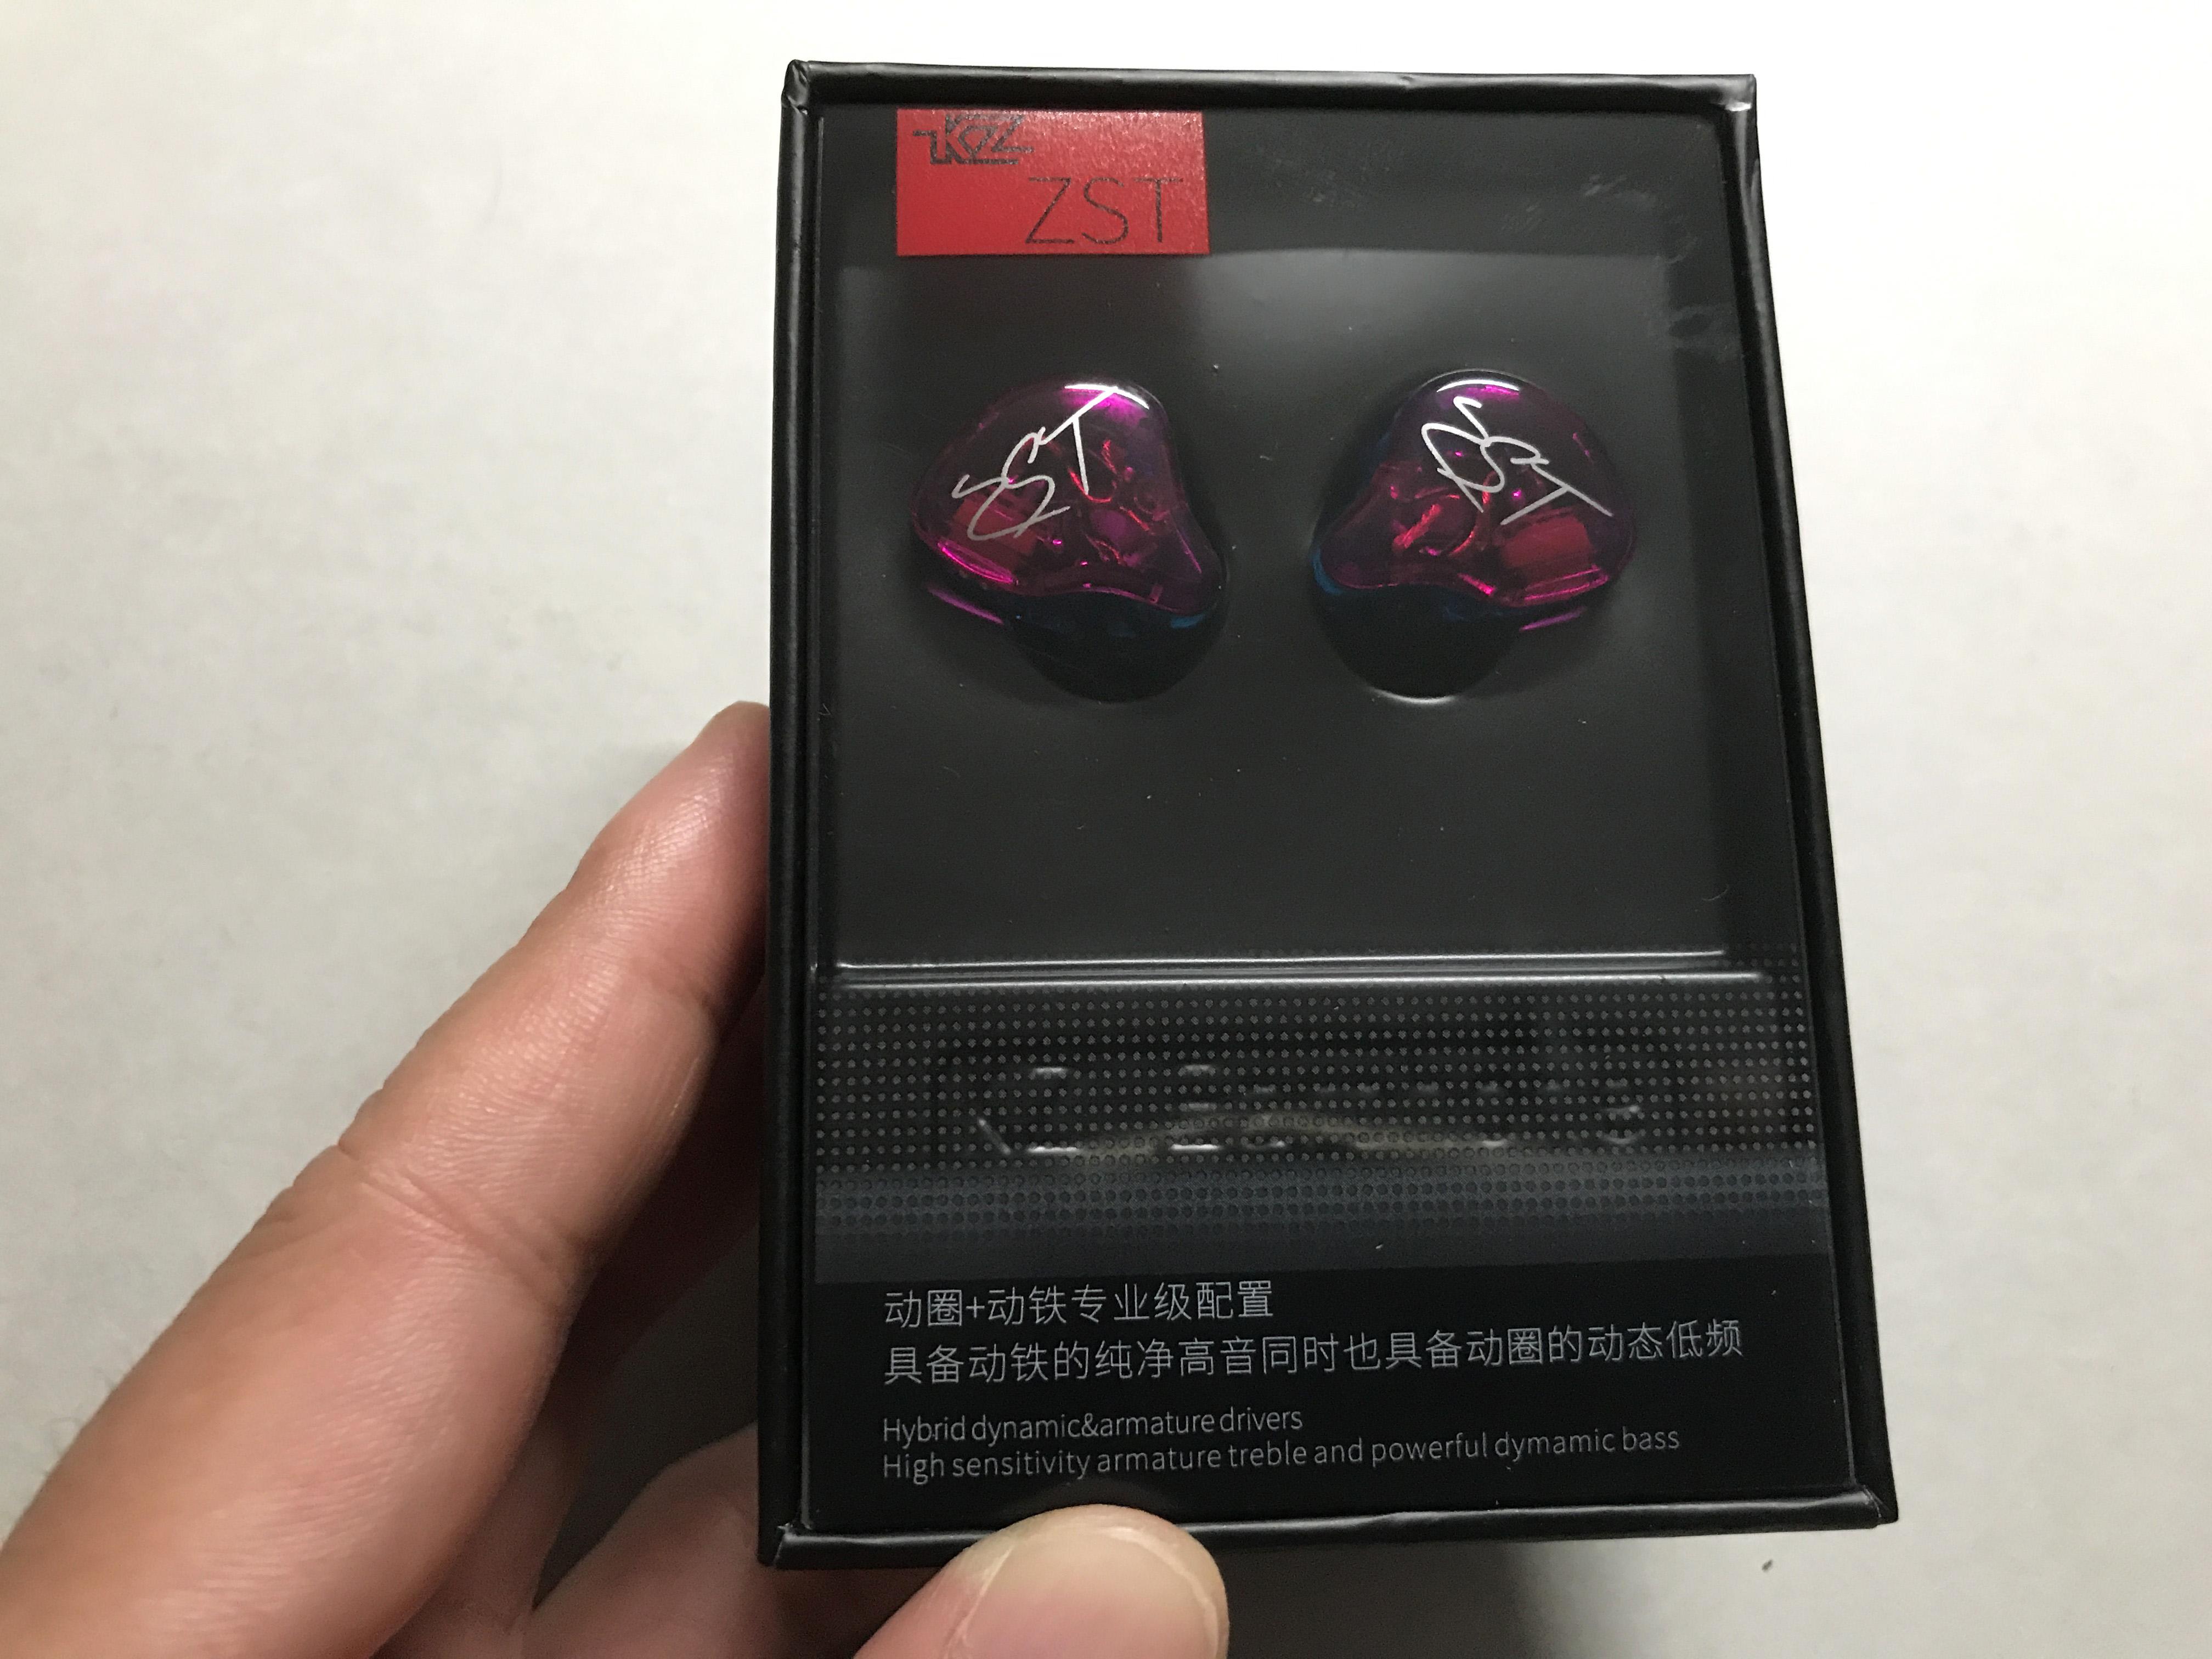 KZ ZST ハイブリッドドライバイヤホン 1BA+1DD 高性能インイヤーイヤホン (紫 with microphone)